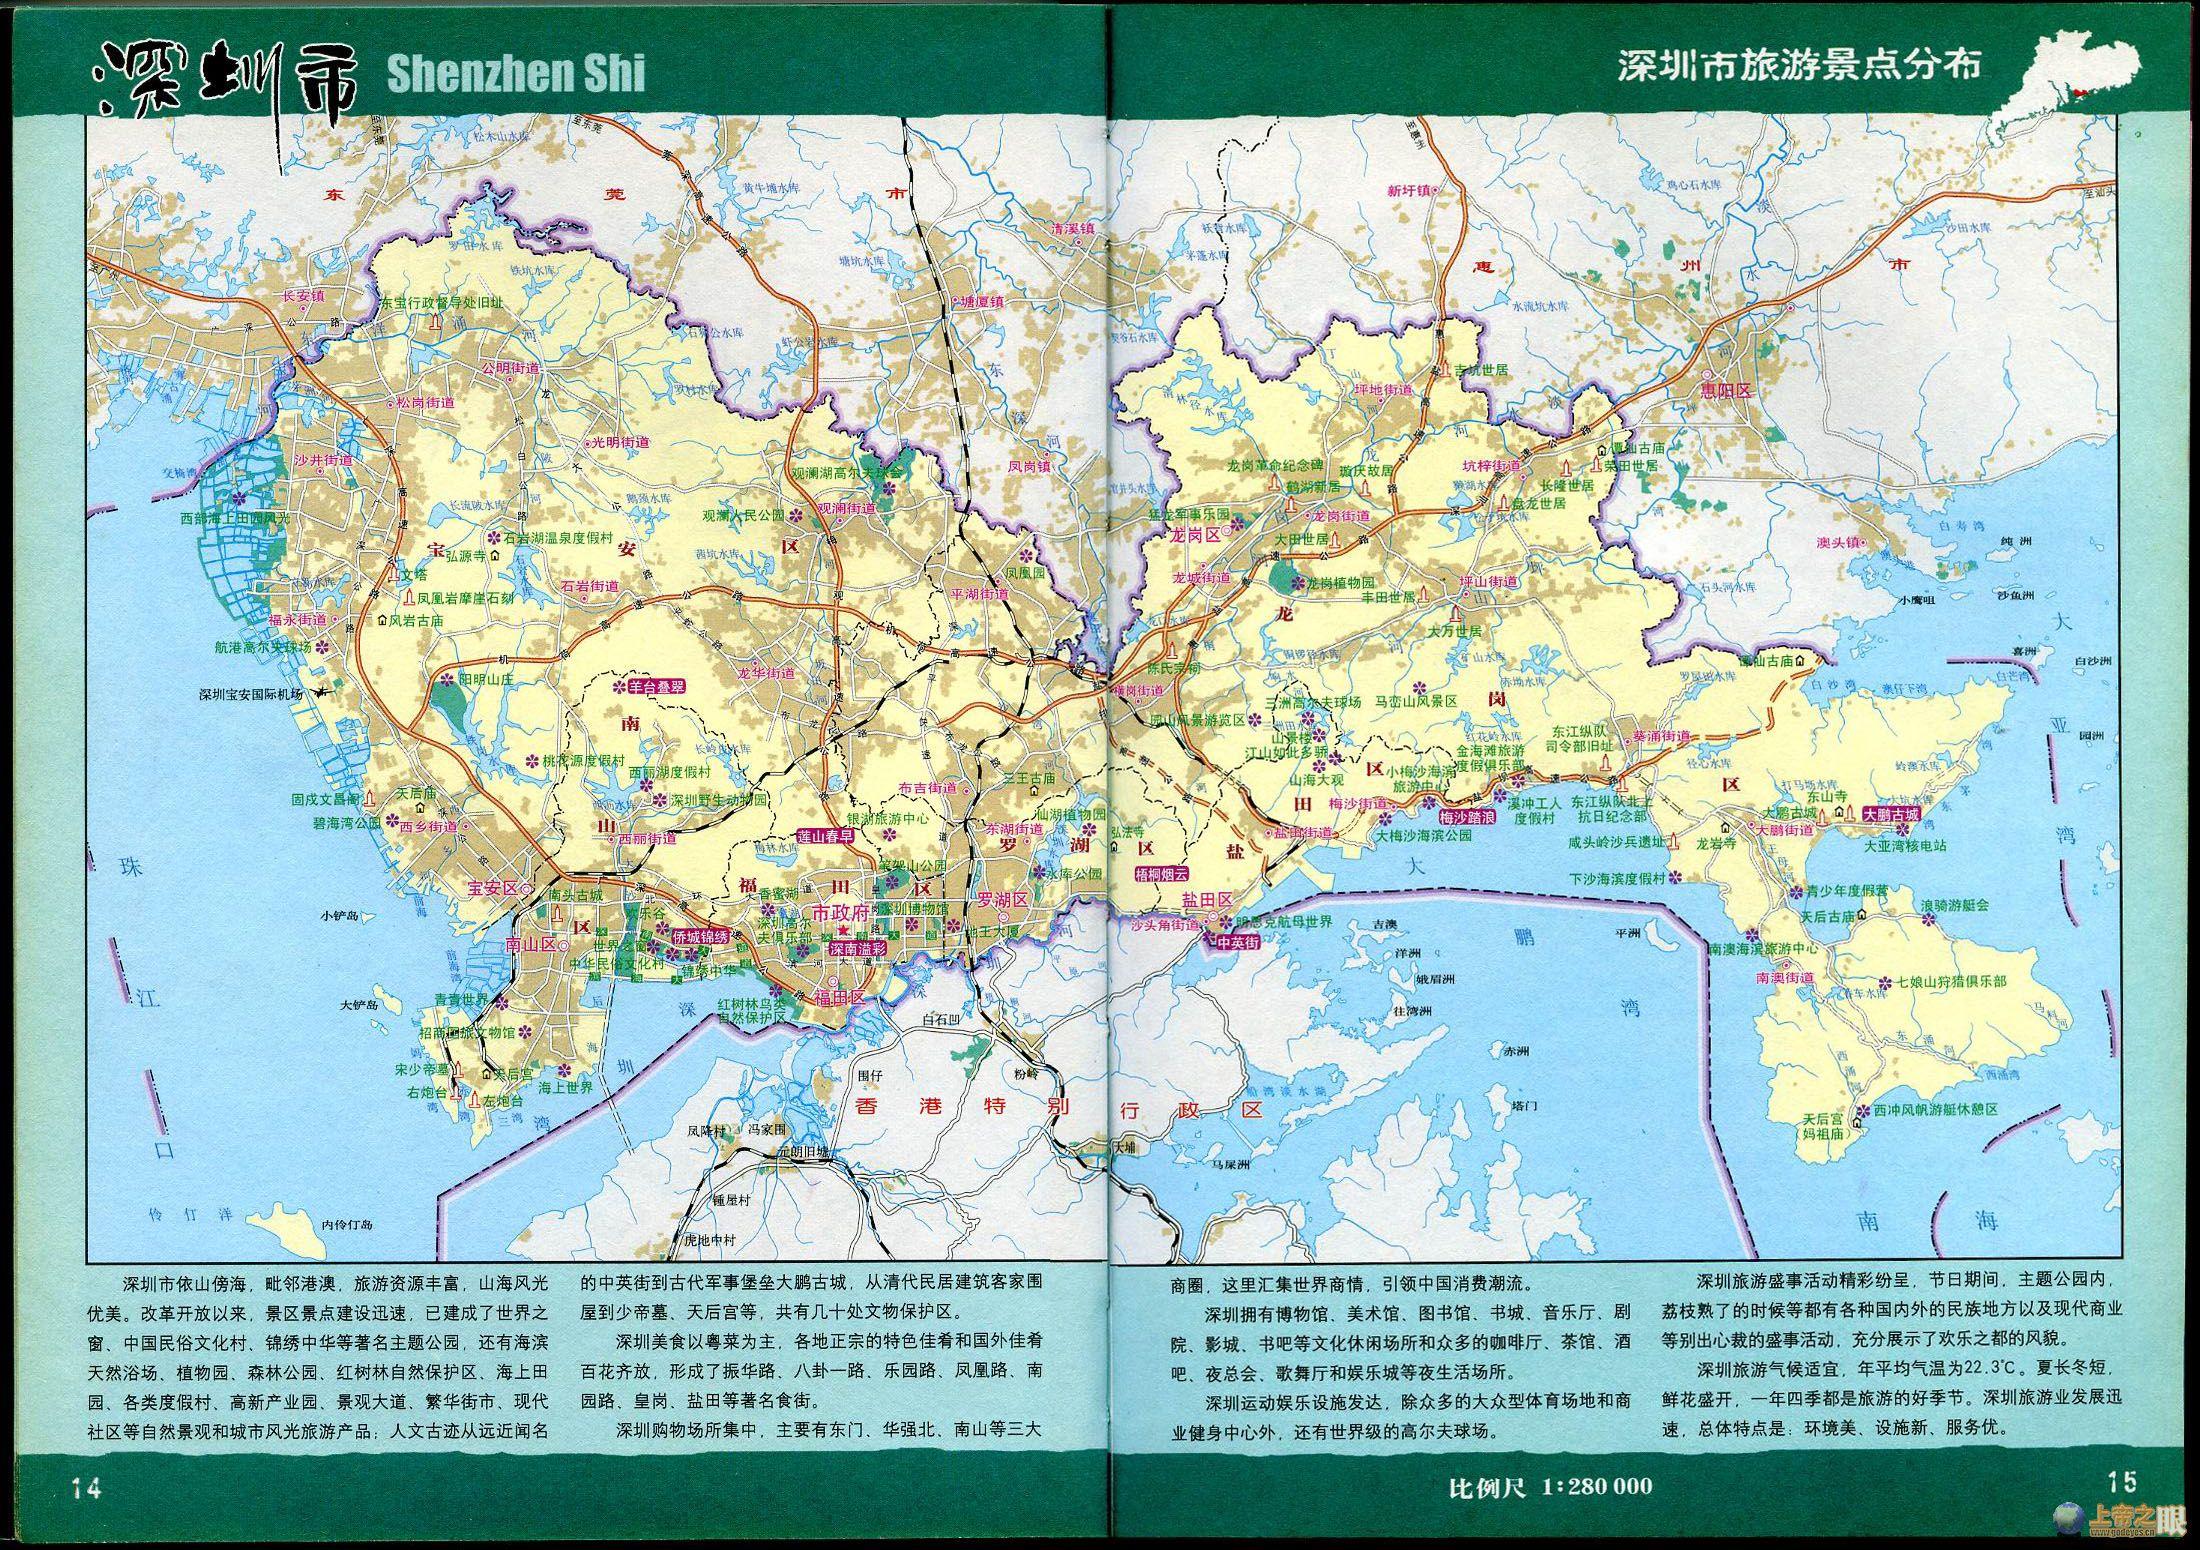 深圳旅游景点 分布图